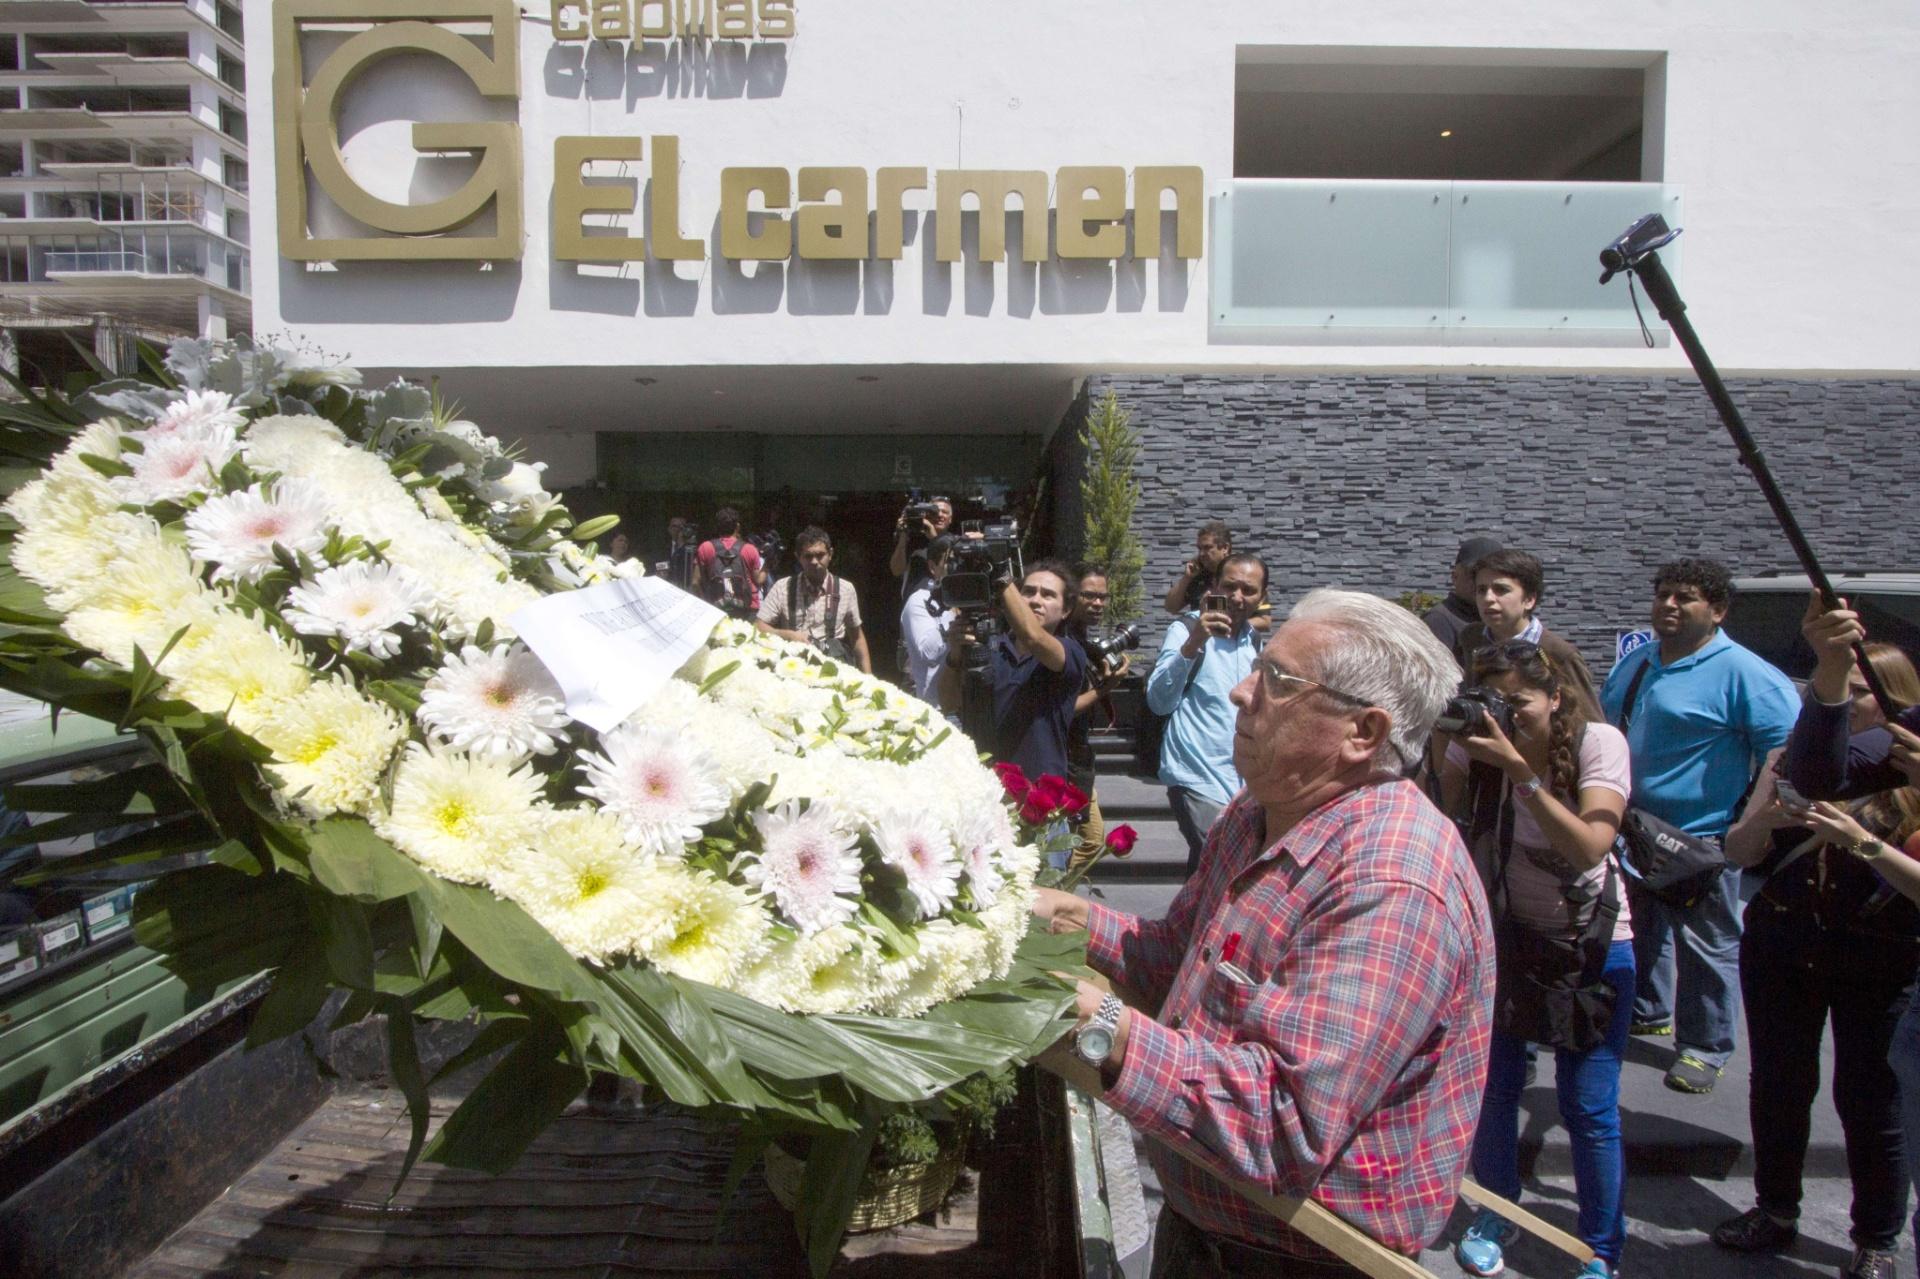 Coroa de flores é colocada sob o corpo do atleta de luta livre Pedro Aguayo Ramirez, que morreu durante uma luta da modalidade